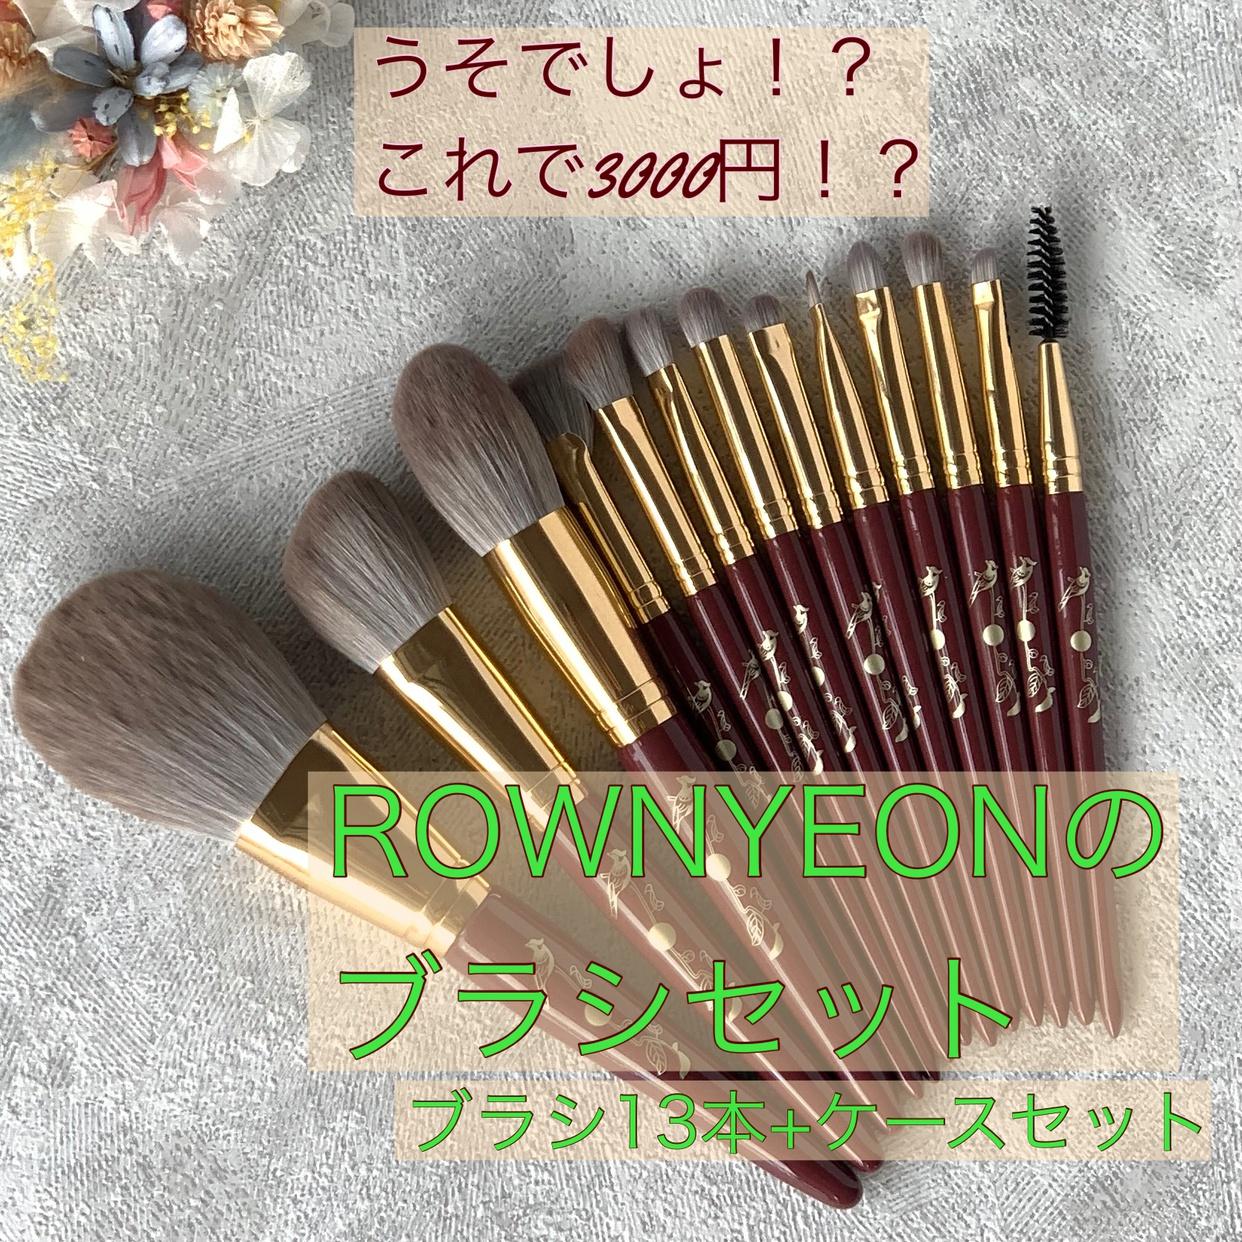 ROWNYEON(ローイオン)緑姫シリーズ  メイクブラシセット13本を使ったTAMIYANさんのクチコミ画像1